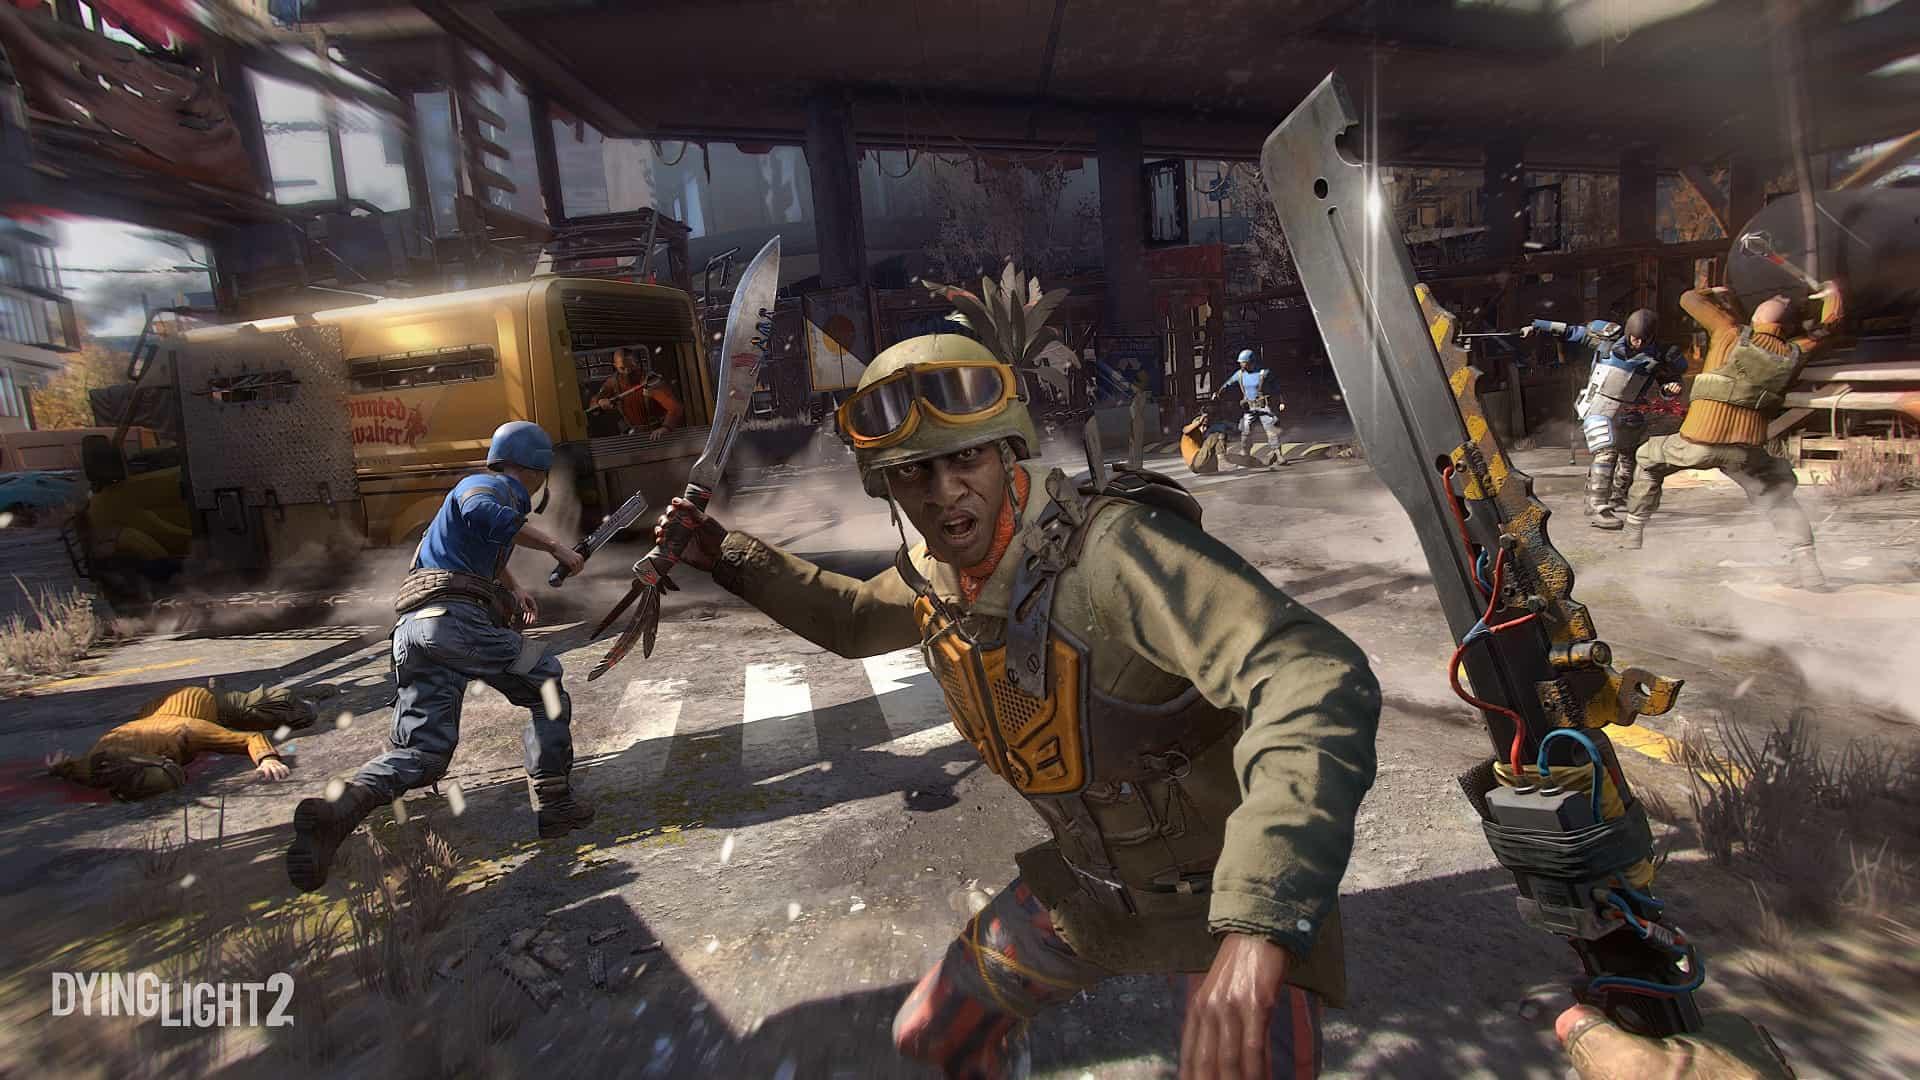 Dying Light 2 Vorschau Alle Infos zu Gameplay, Story und Co.